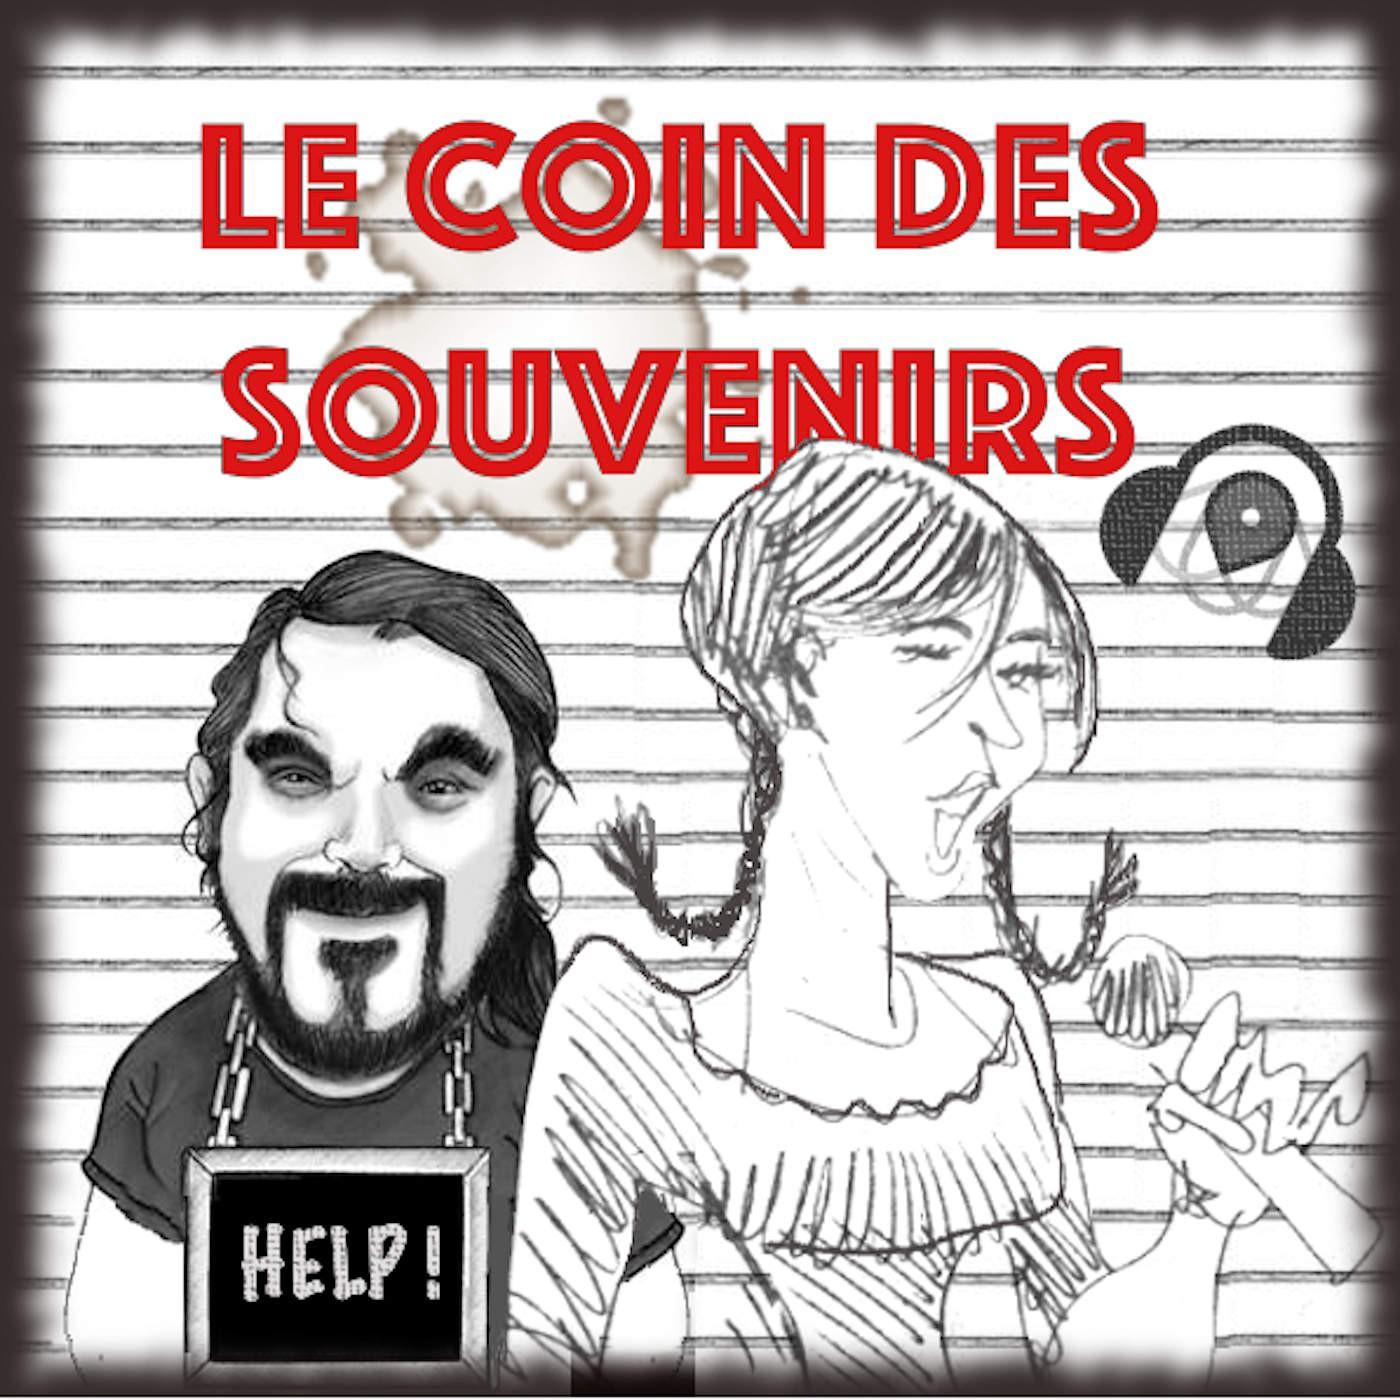 LE COIN DES SOUVENIRS S1E13 - Souvenirs de souvenirs